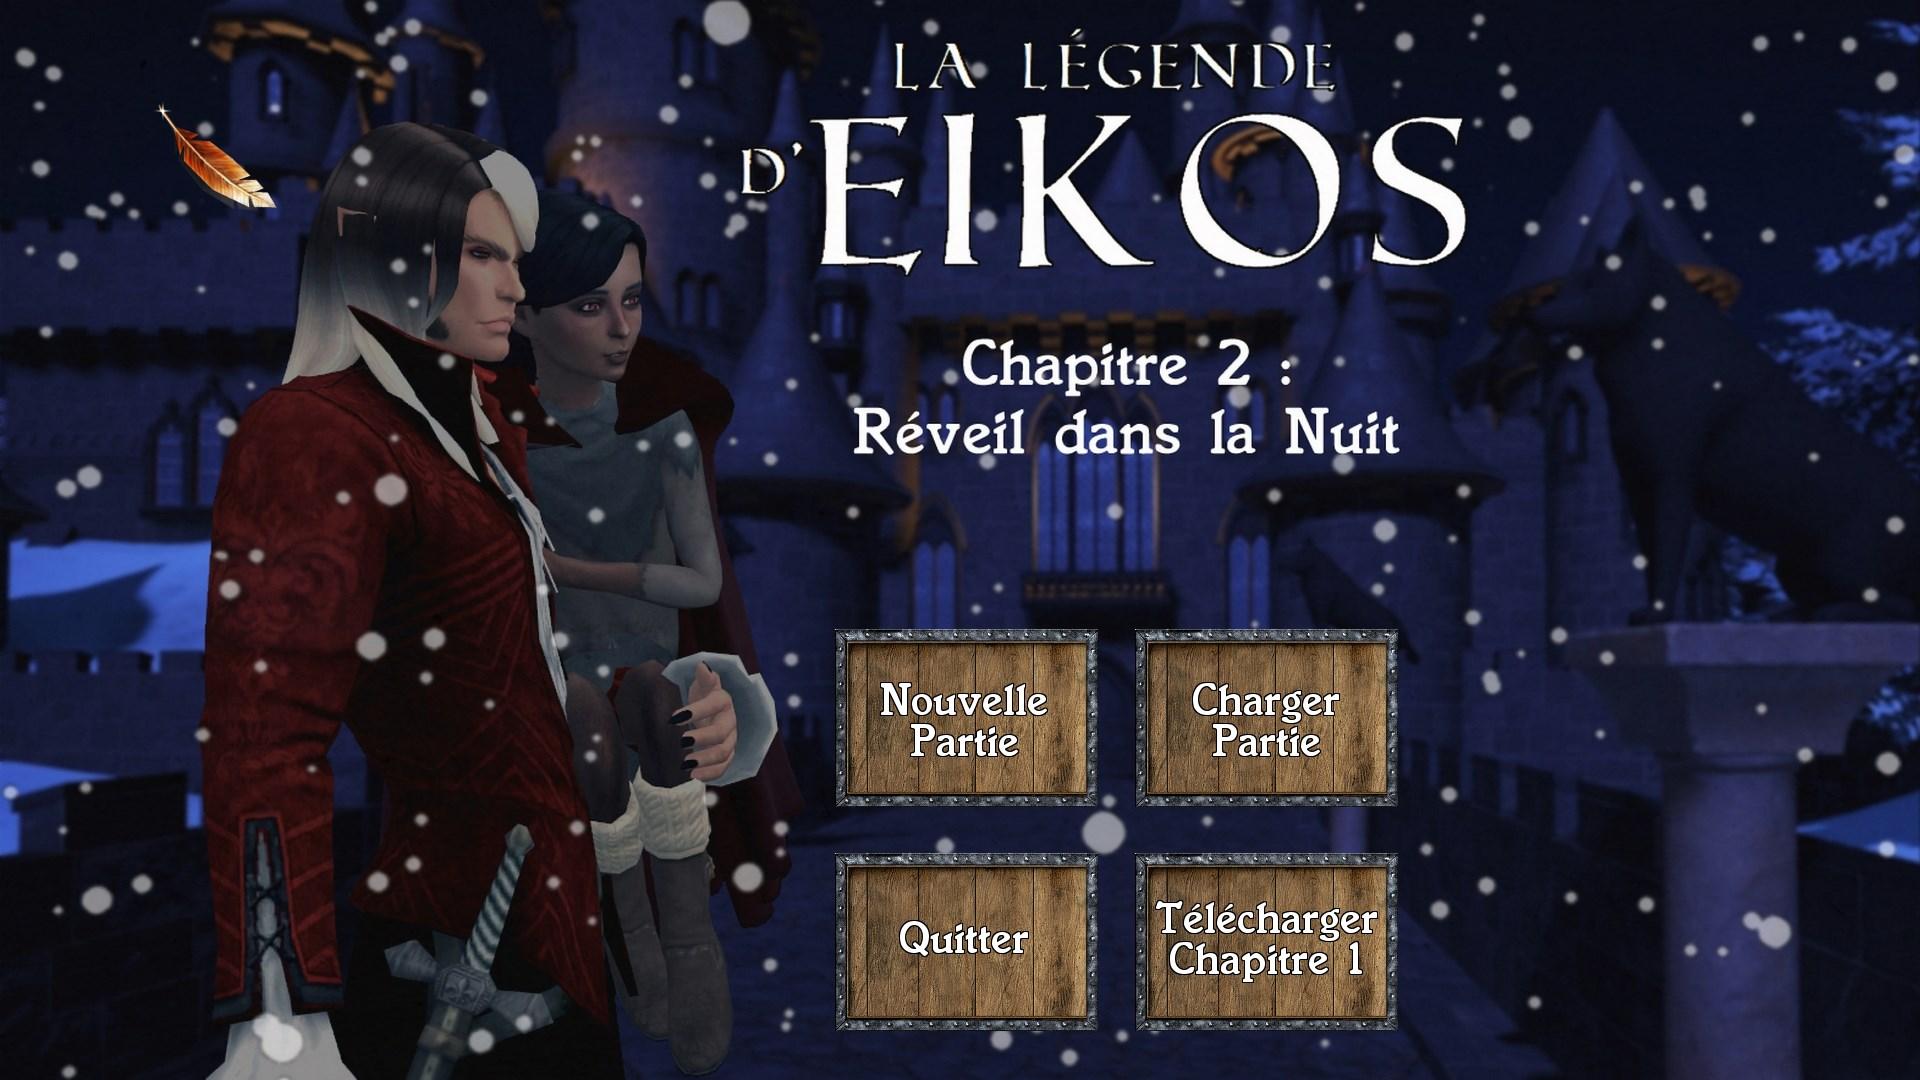 La Légende d'Eikos, chapitre 2 Eikos2_Fm3qGEB2vl